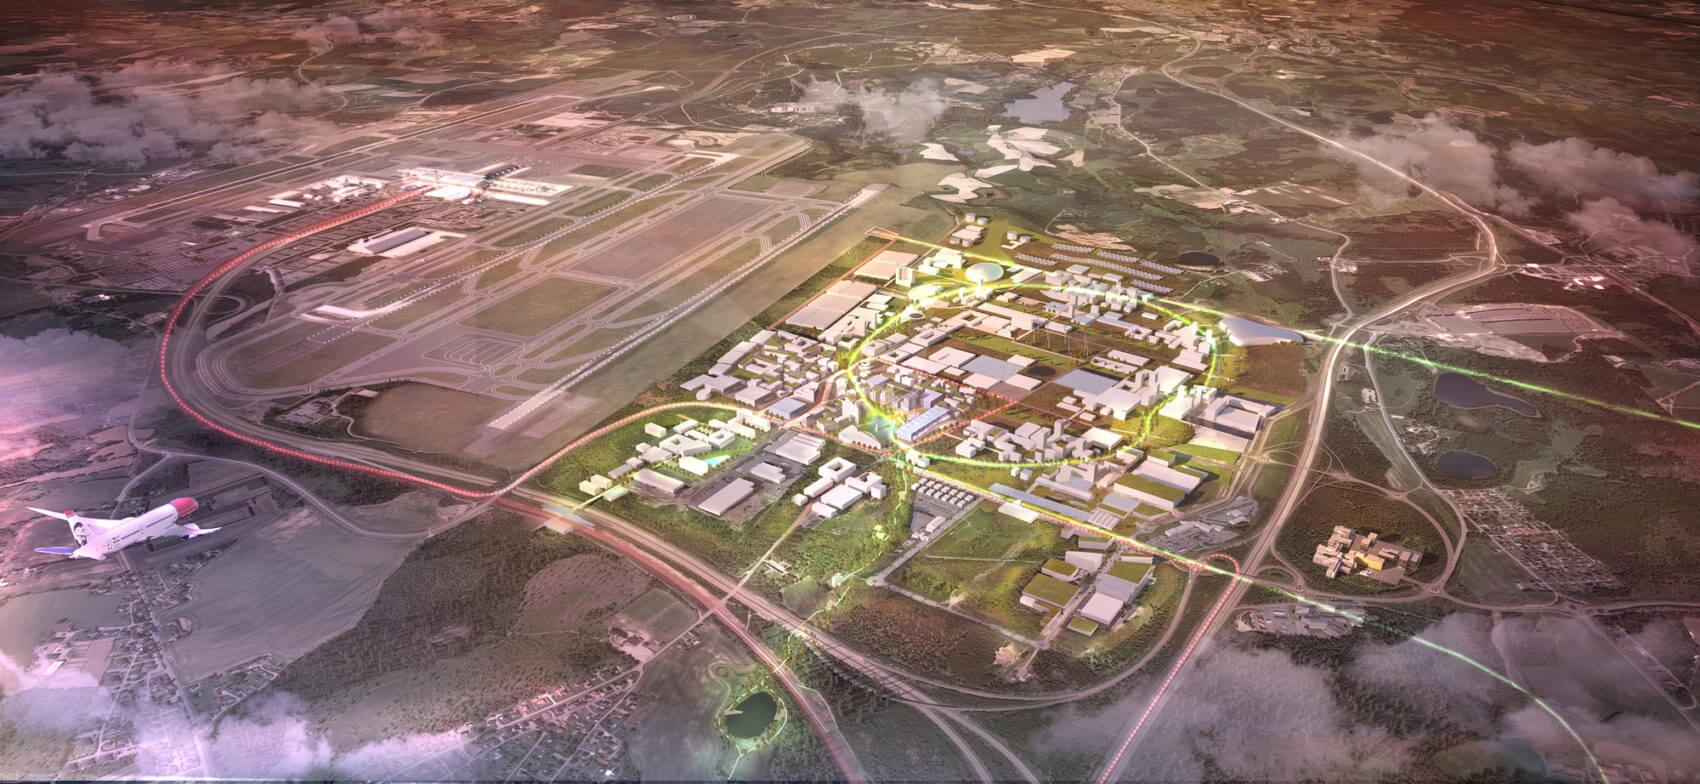 Энергоположительный аэропорт от Haptic Architects и Nordic Office of Architecture в Норвегии